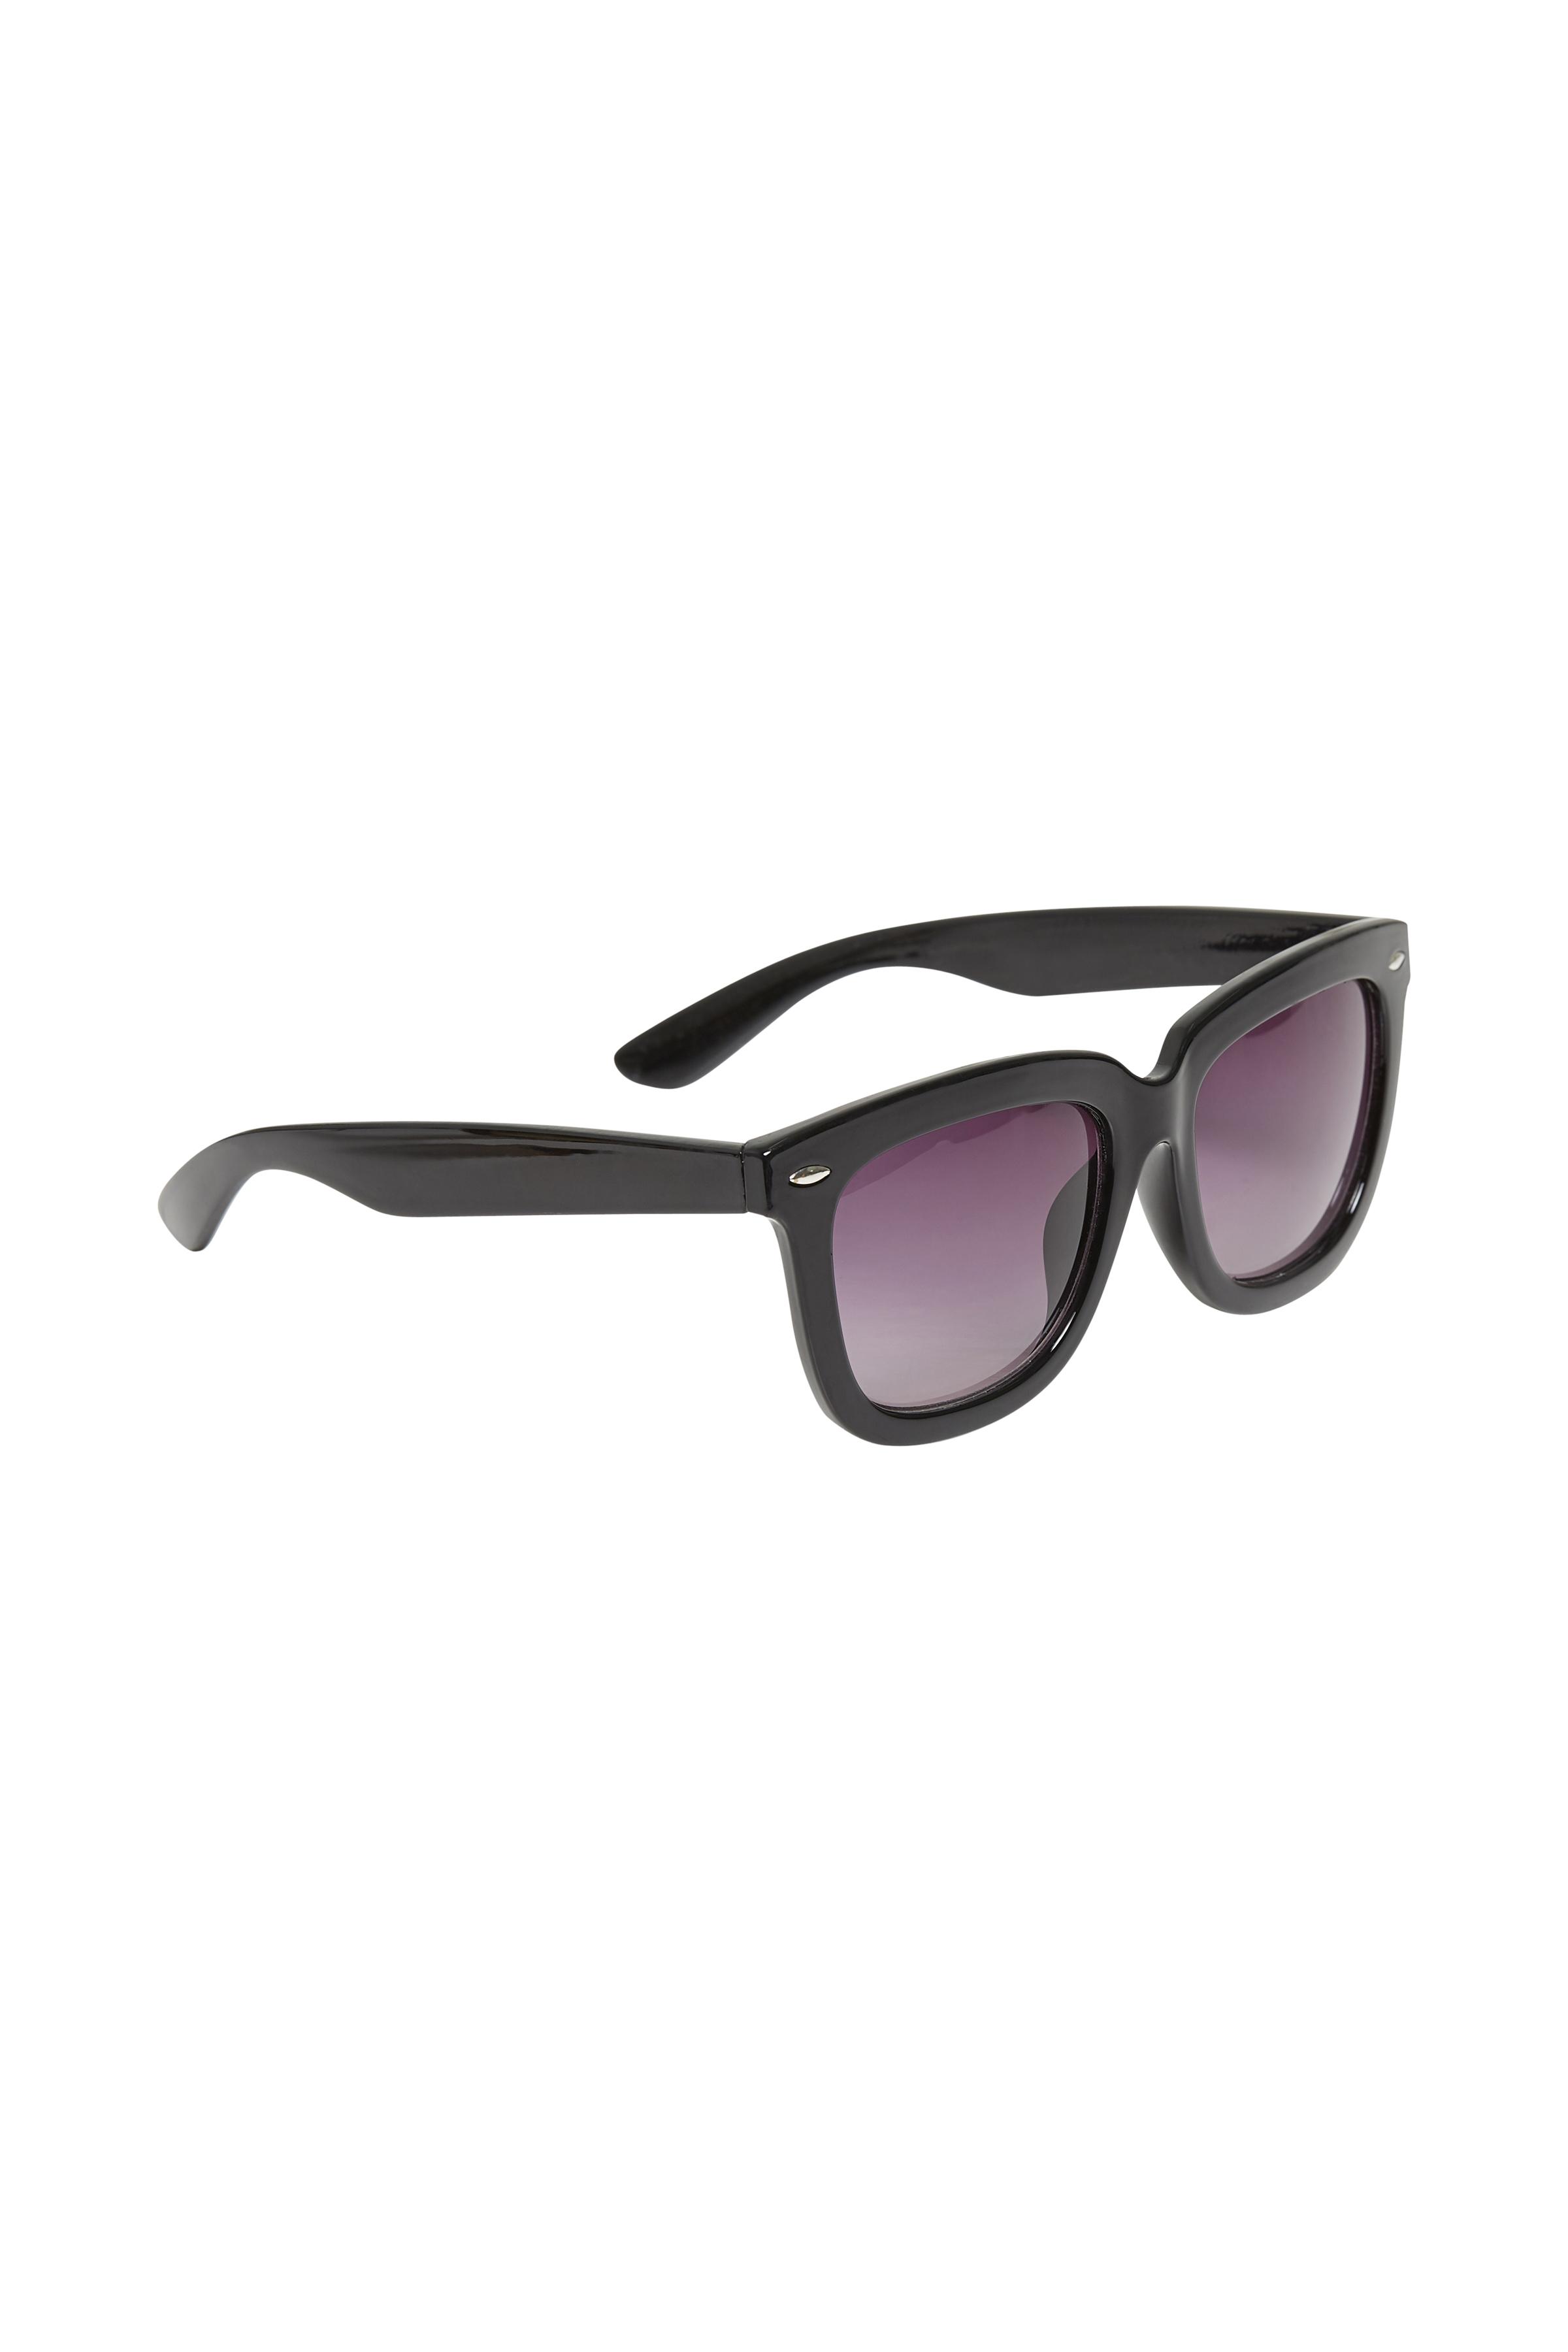 Zwart Zonnebril van b.young – Koop Zwart Zonnebril hier van size ONE